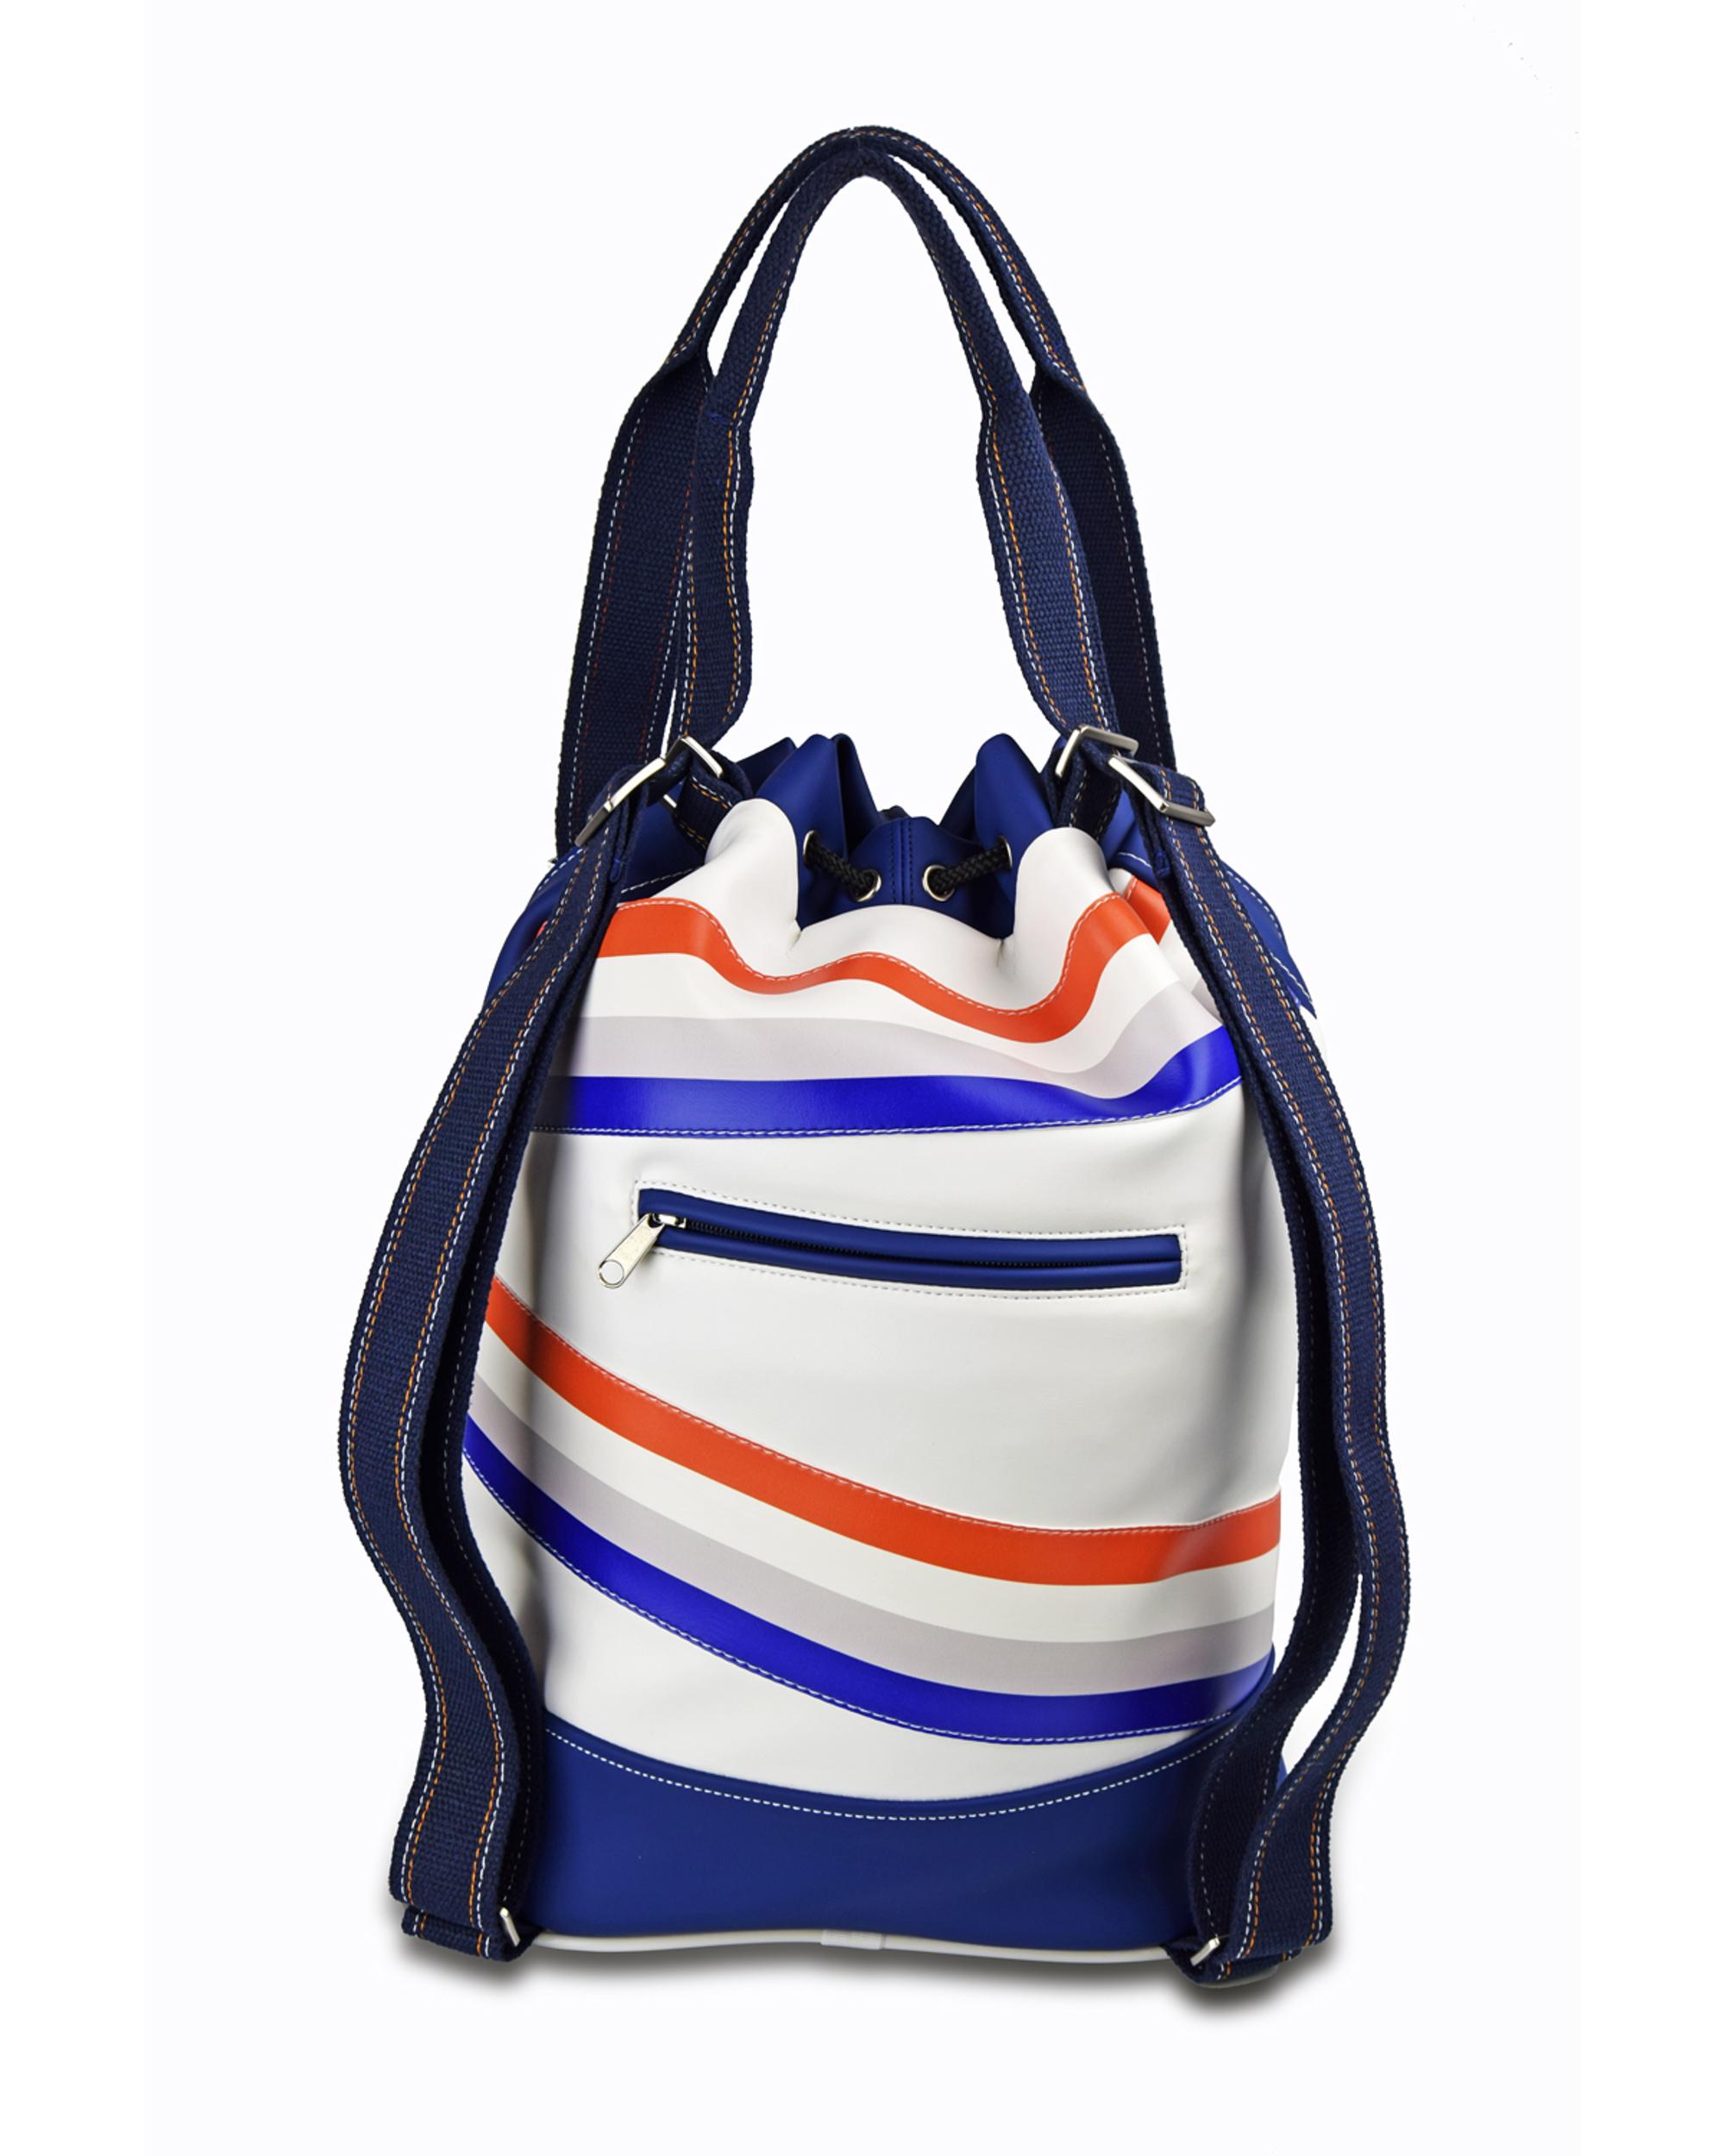 mochila mujer con pago aplazado